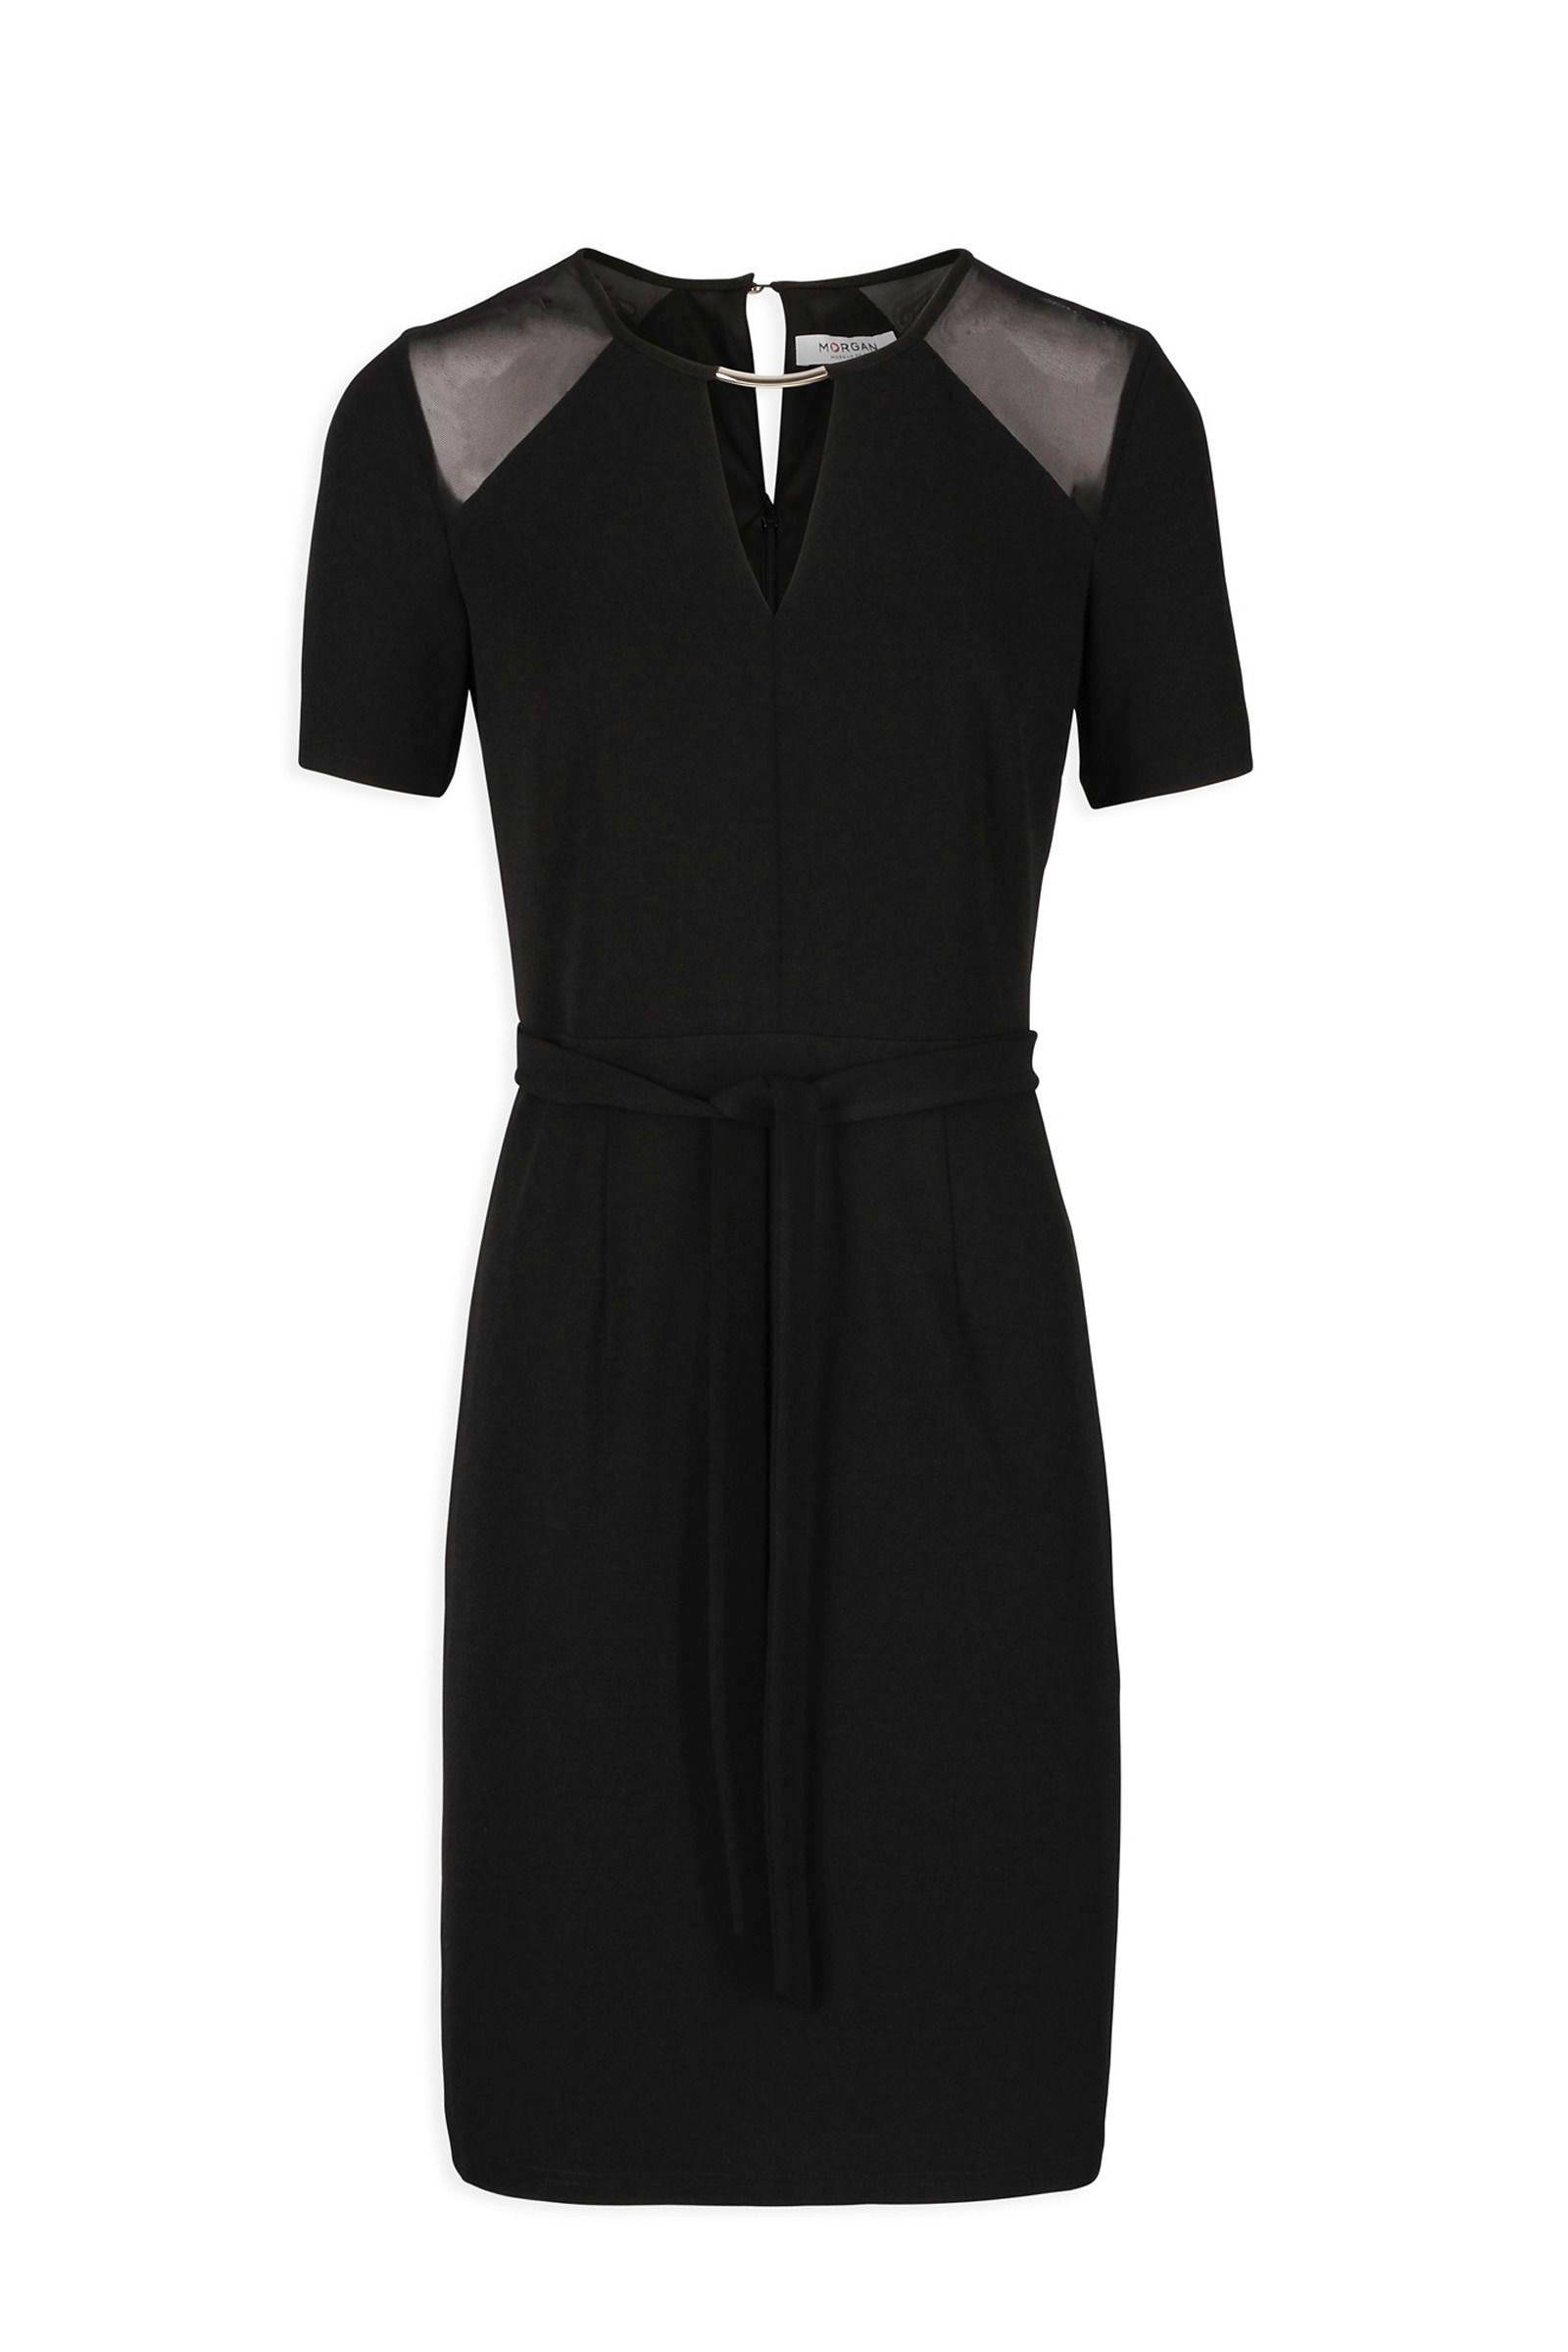 morgan jurk zwart